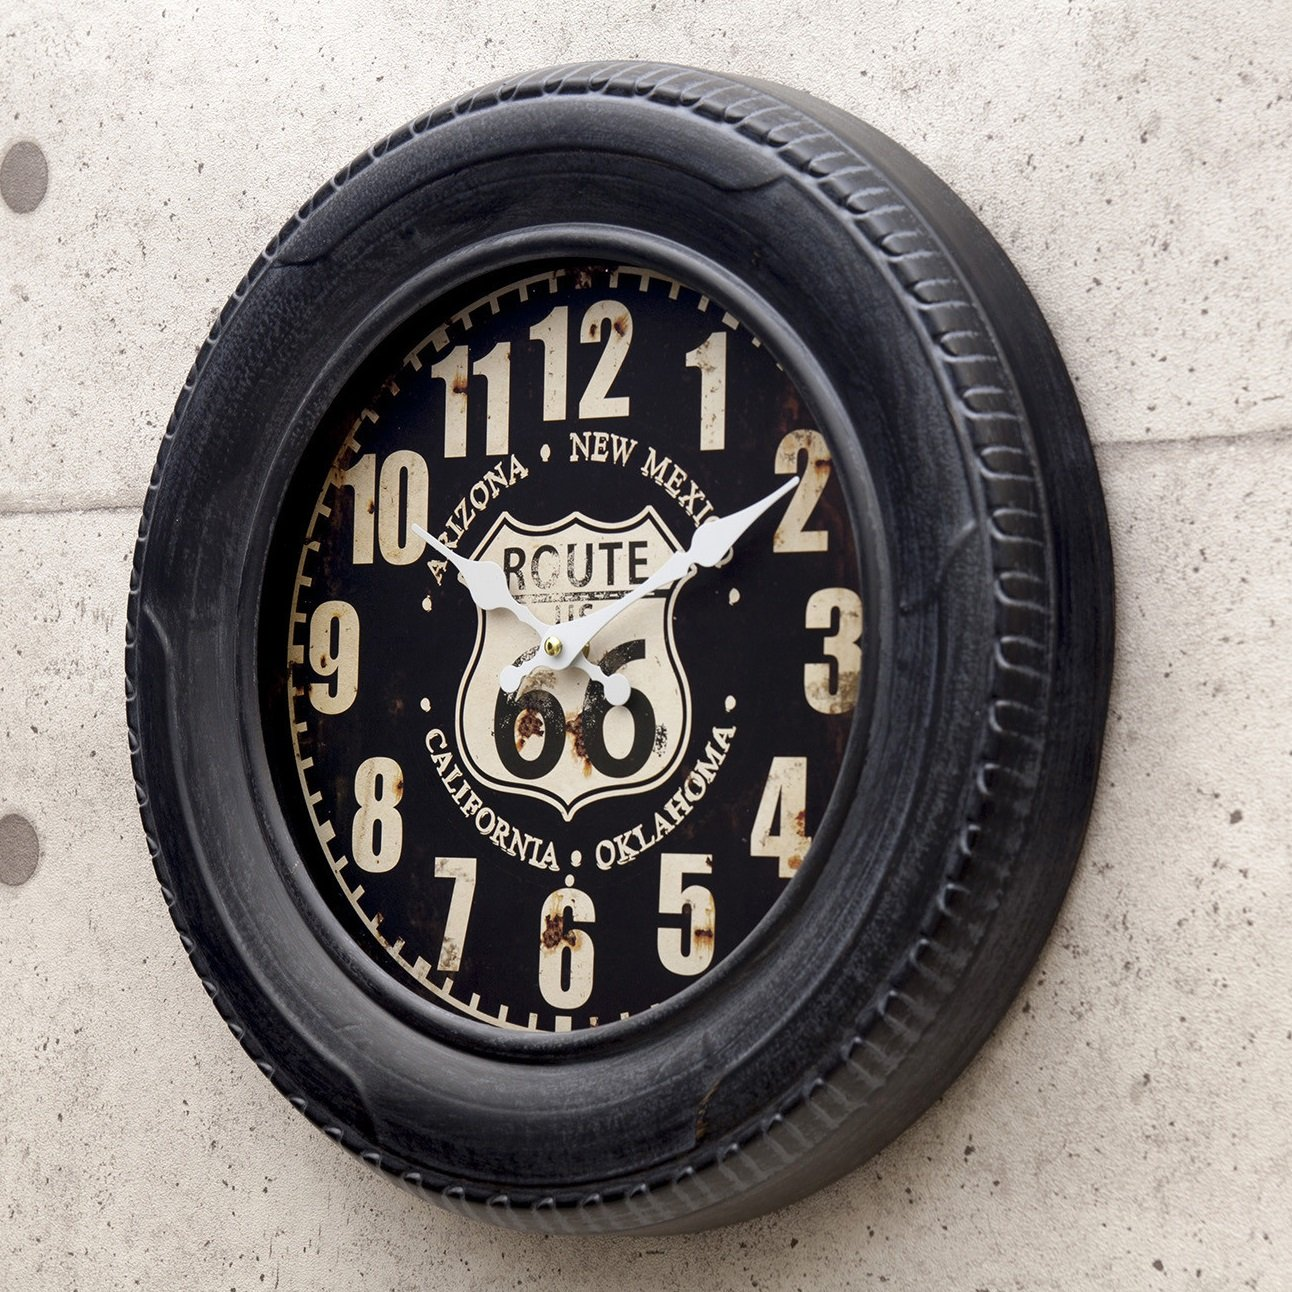 アメリカン ビンテージ風 タイヤ クロック (φ40cm) 掛け時計 Route66 ルート66 グッズ アメリカ アメリカン 雑貨 掛時計 時計 B076N6KC3L